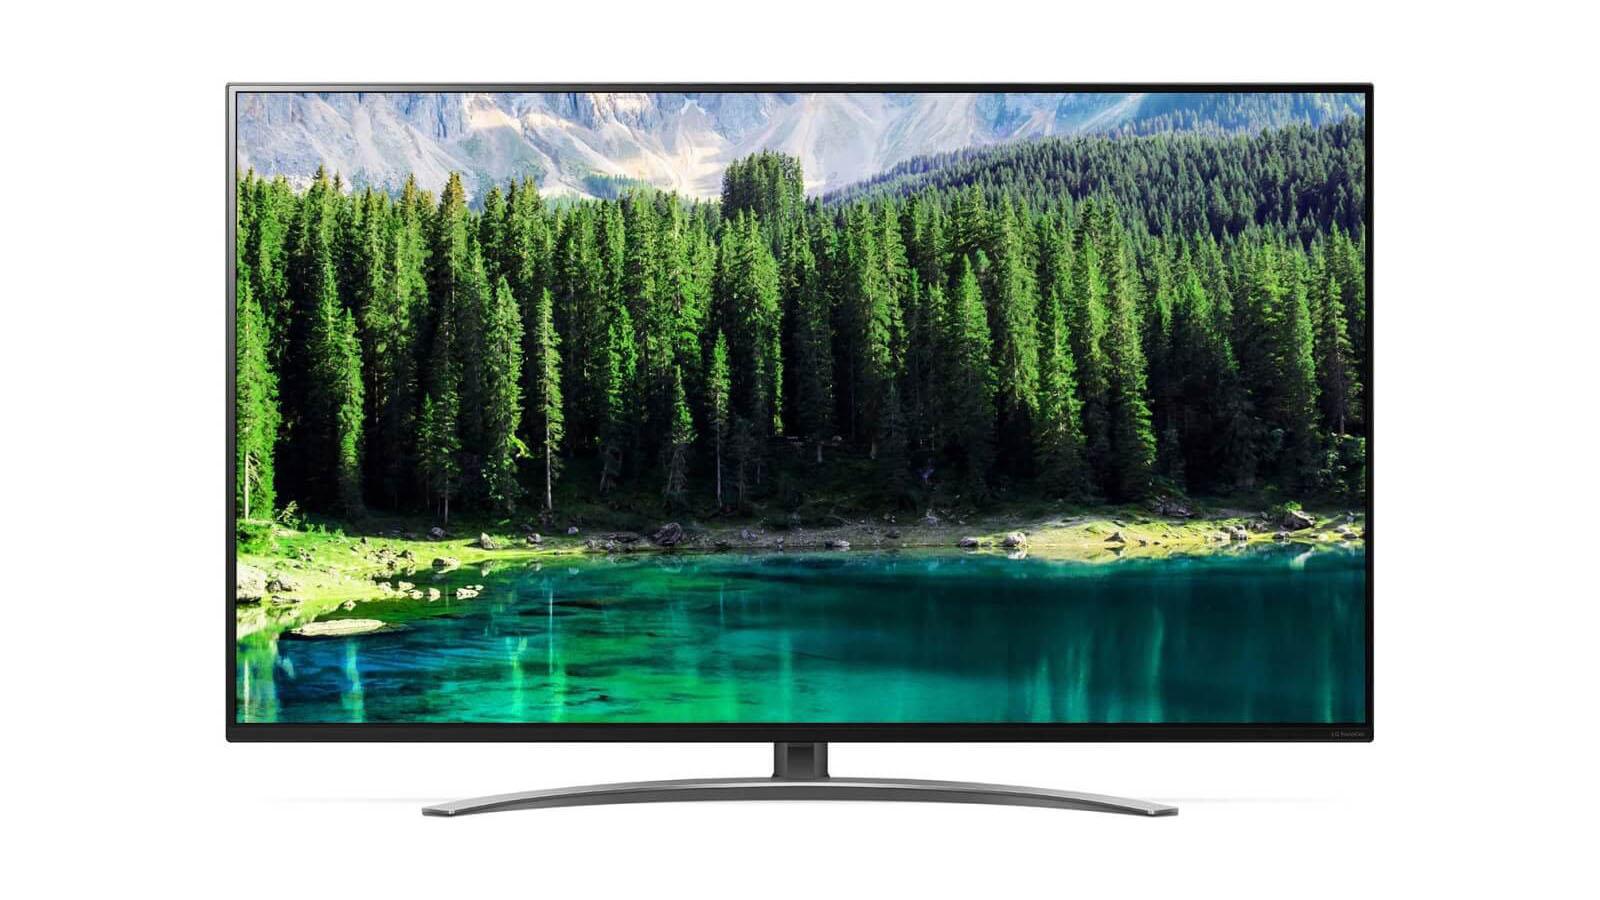 LG SM8600 / SM8500 UHD TV